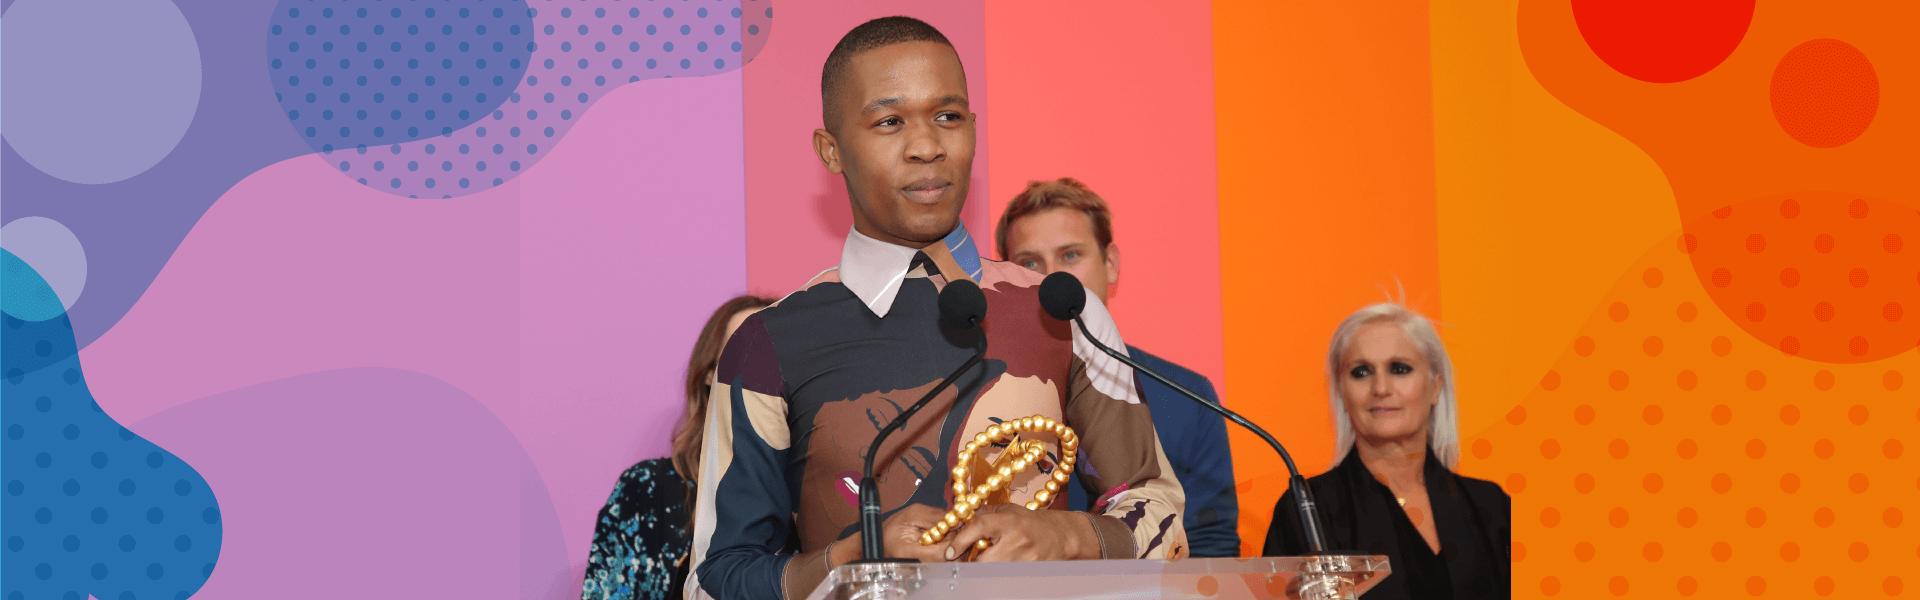 Thebe Magugu, le premier designer africain qui remporte le prix LVMH